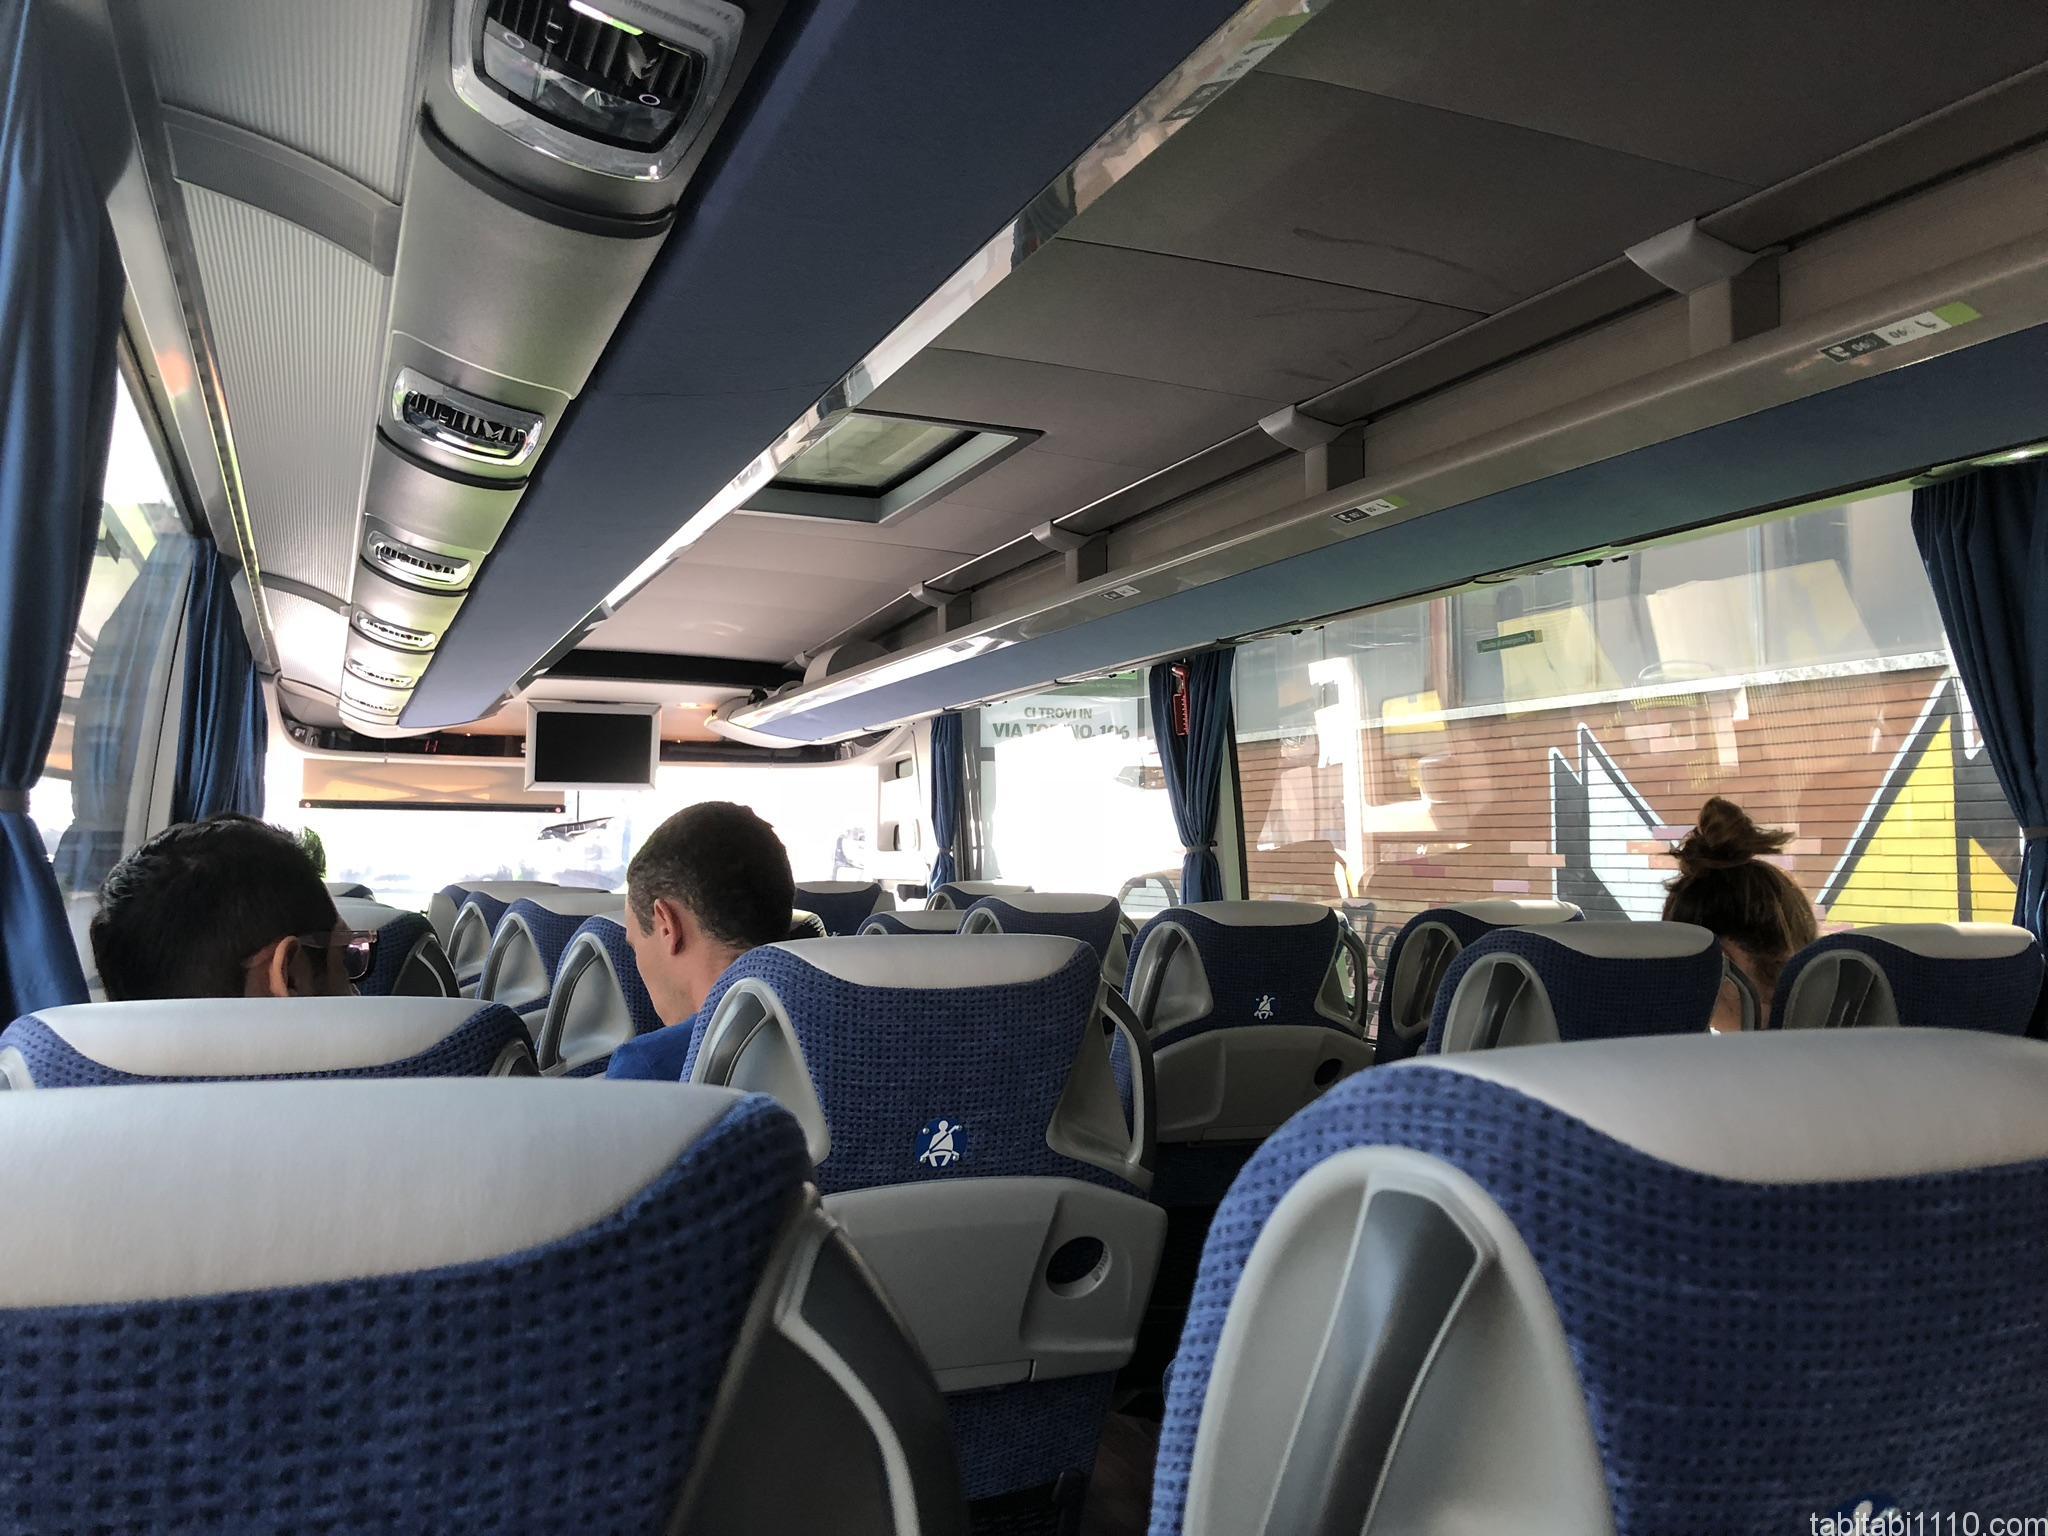 Flixbus|ヴェネチアからリュブリャナ